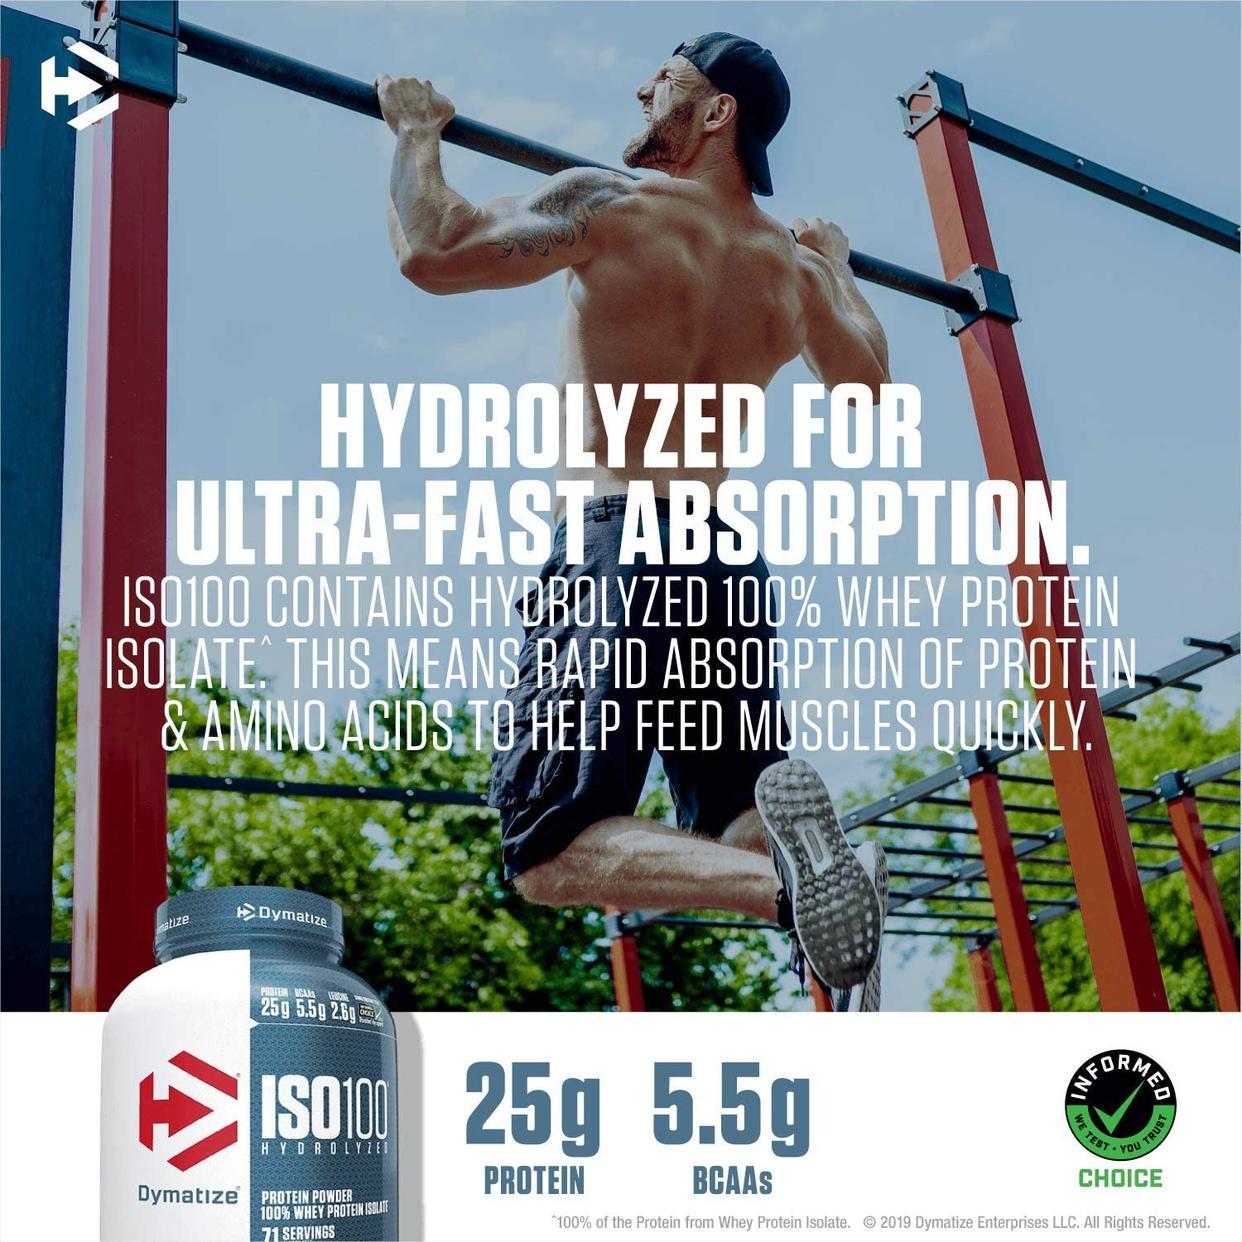 Dymatize(ダイマタイズ) ISO100 ハイドロライズド 100%ホエイアイソレートの商品画像8